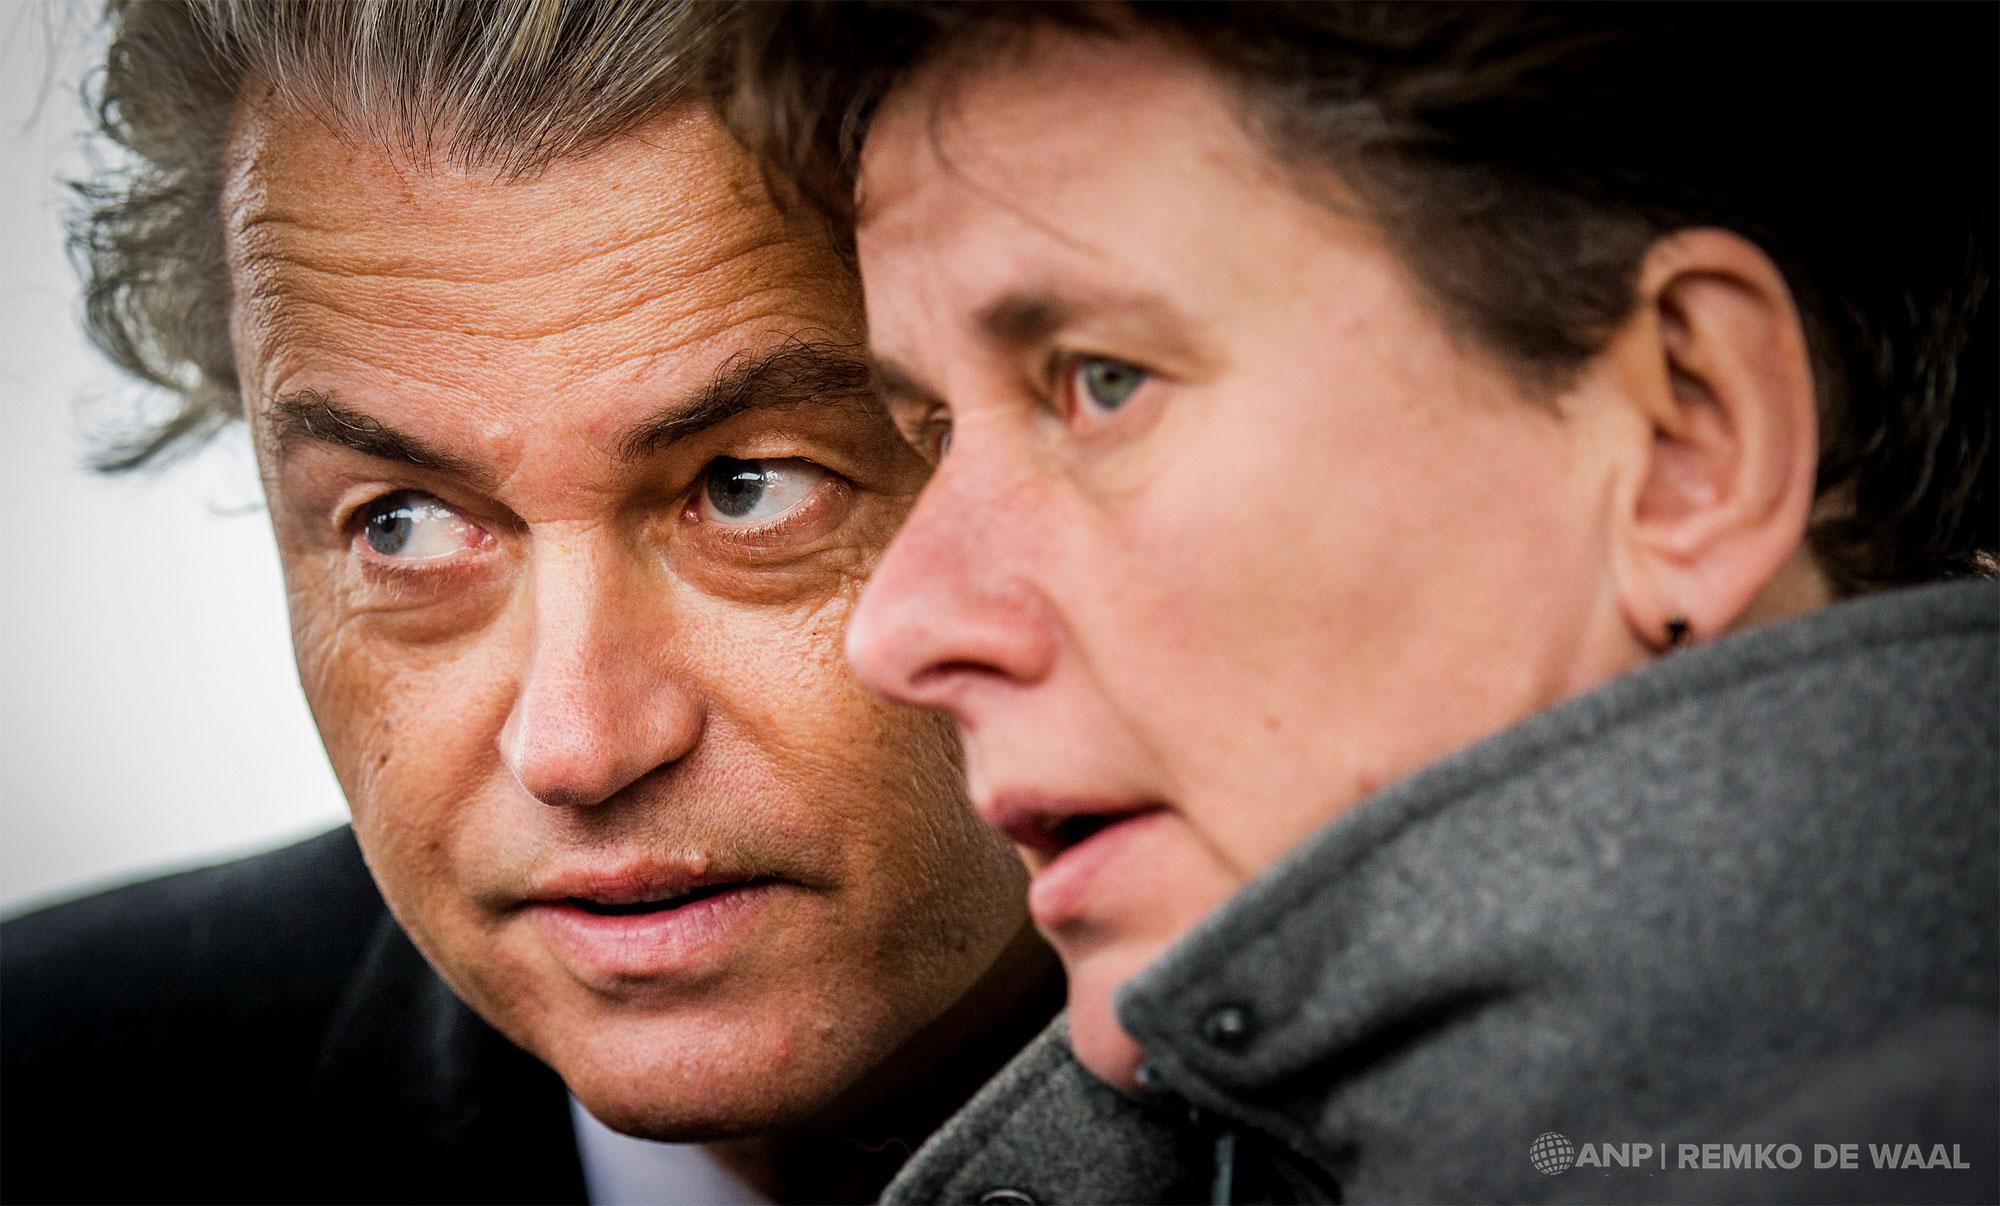 PVV-leider Geert Wilders en fractievoorzitter in de Eerste Kamer Marjolein Faber tijdens een bezoek aan een visserschip in Volendam.